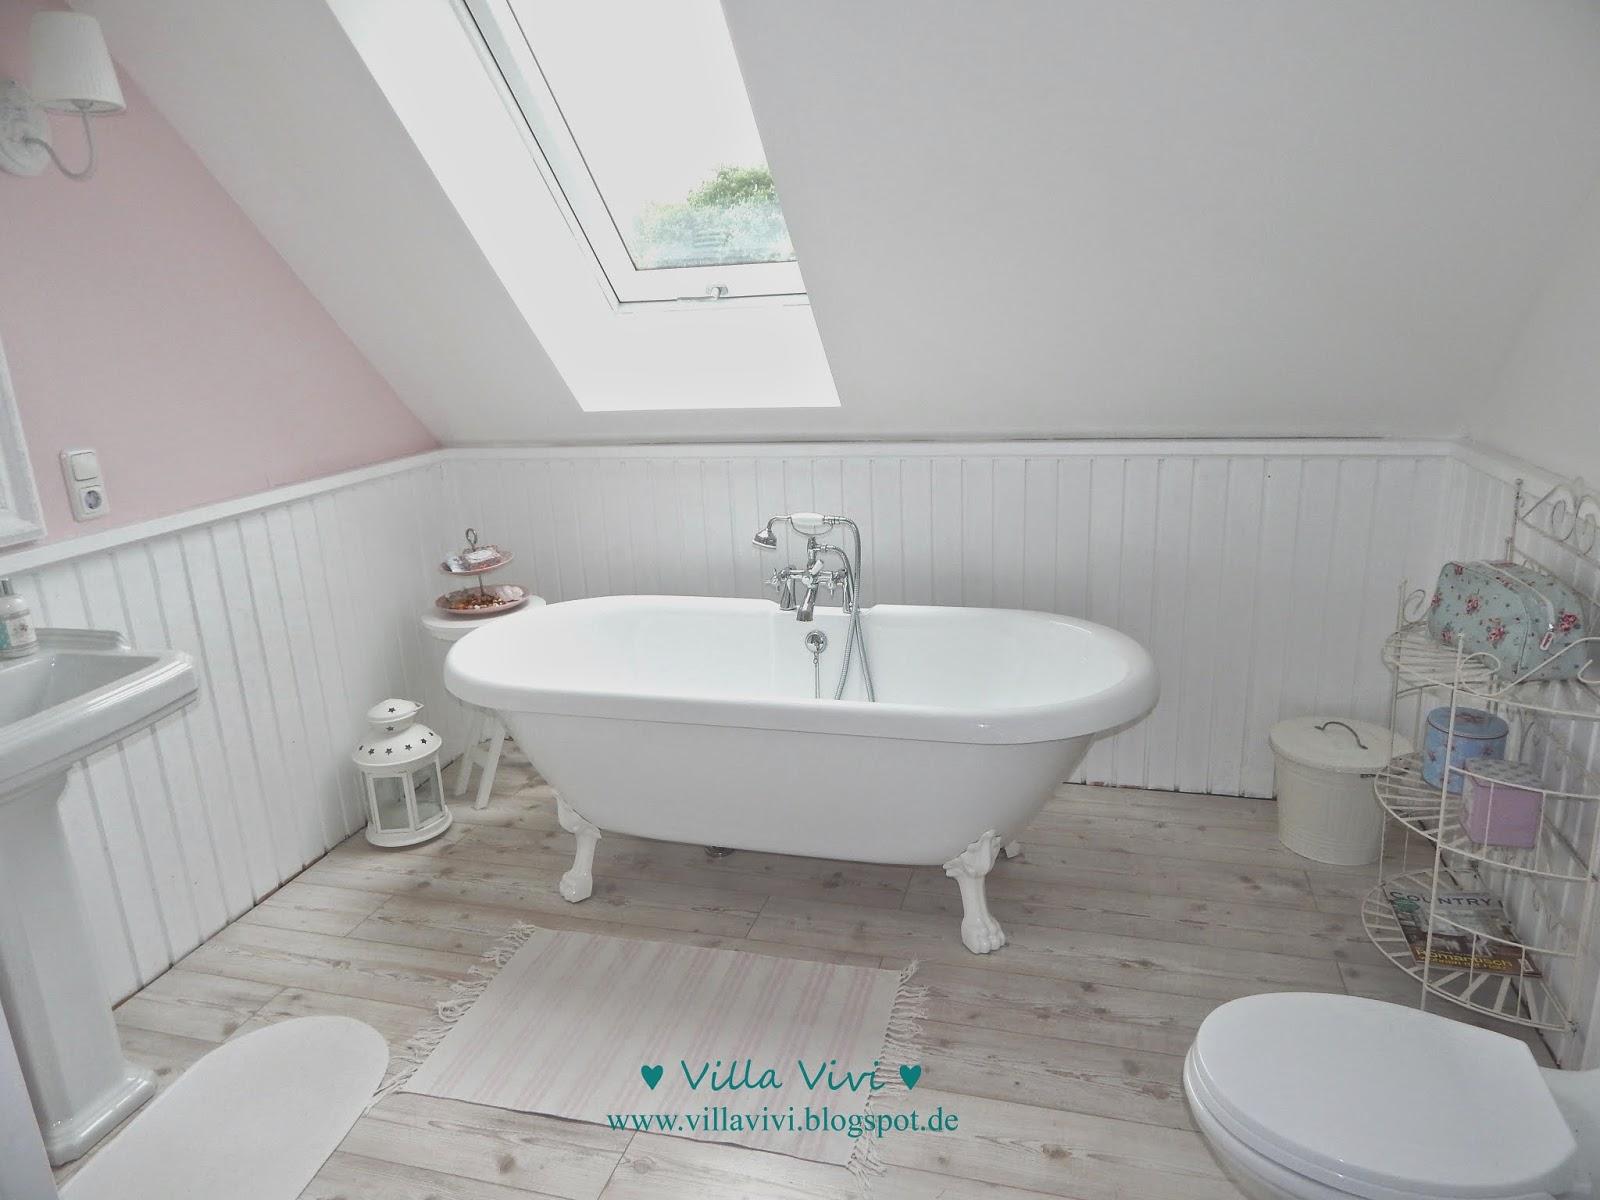 Schwedenhaus badezimmer  ♥ Villa Vivi ♥: min lilla rosa badrum